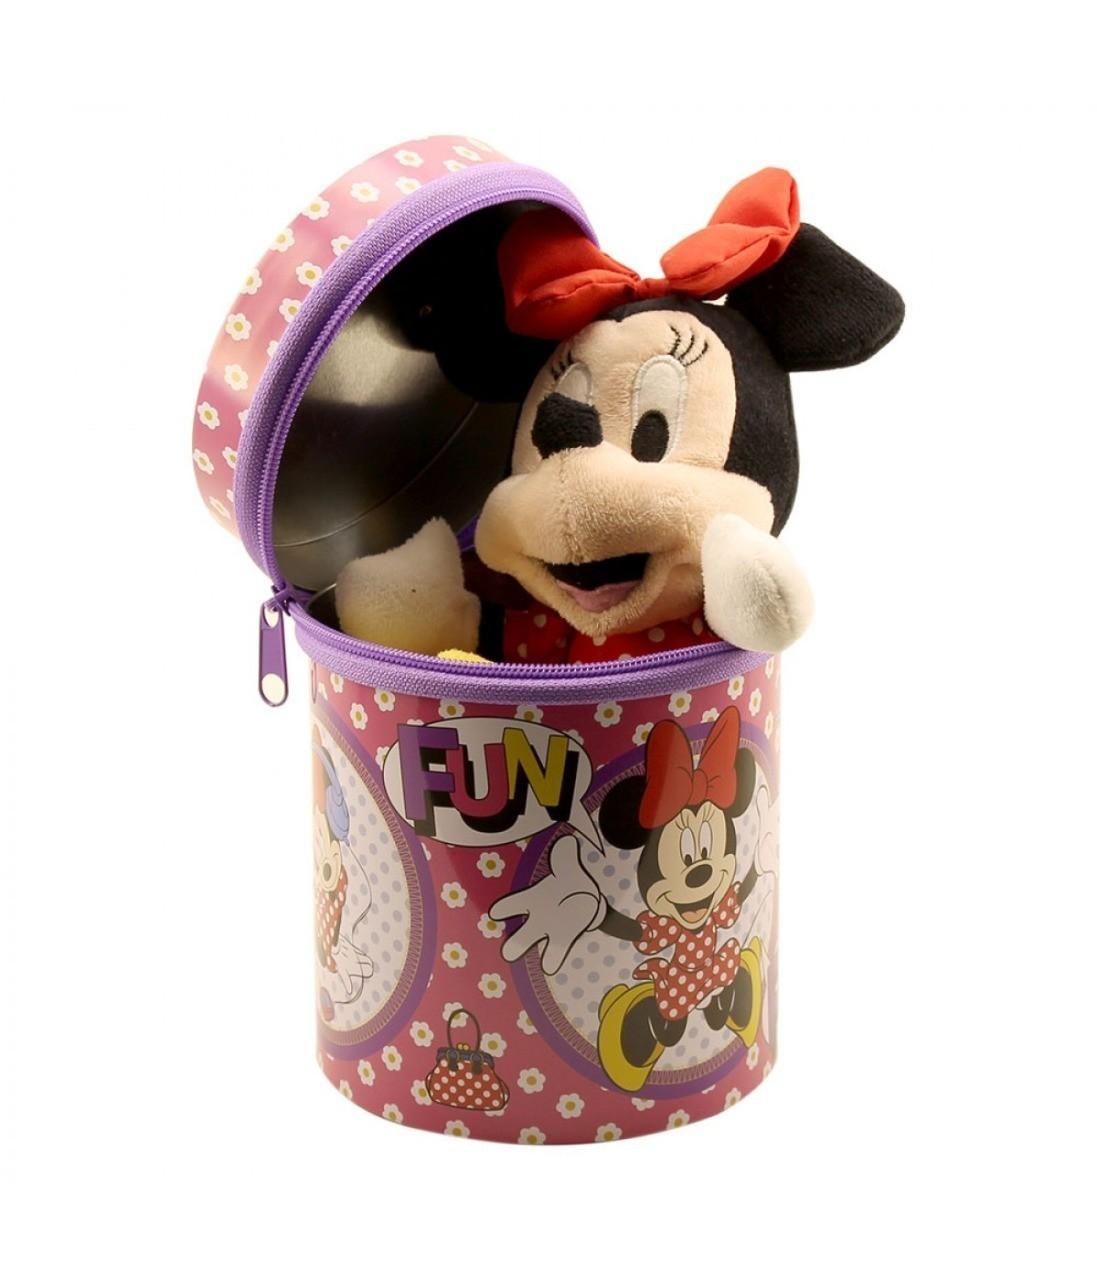 Boneca Chaveiro Minnie Mouse Vestido Vermelho na Lata - Disney